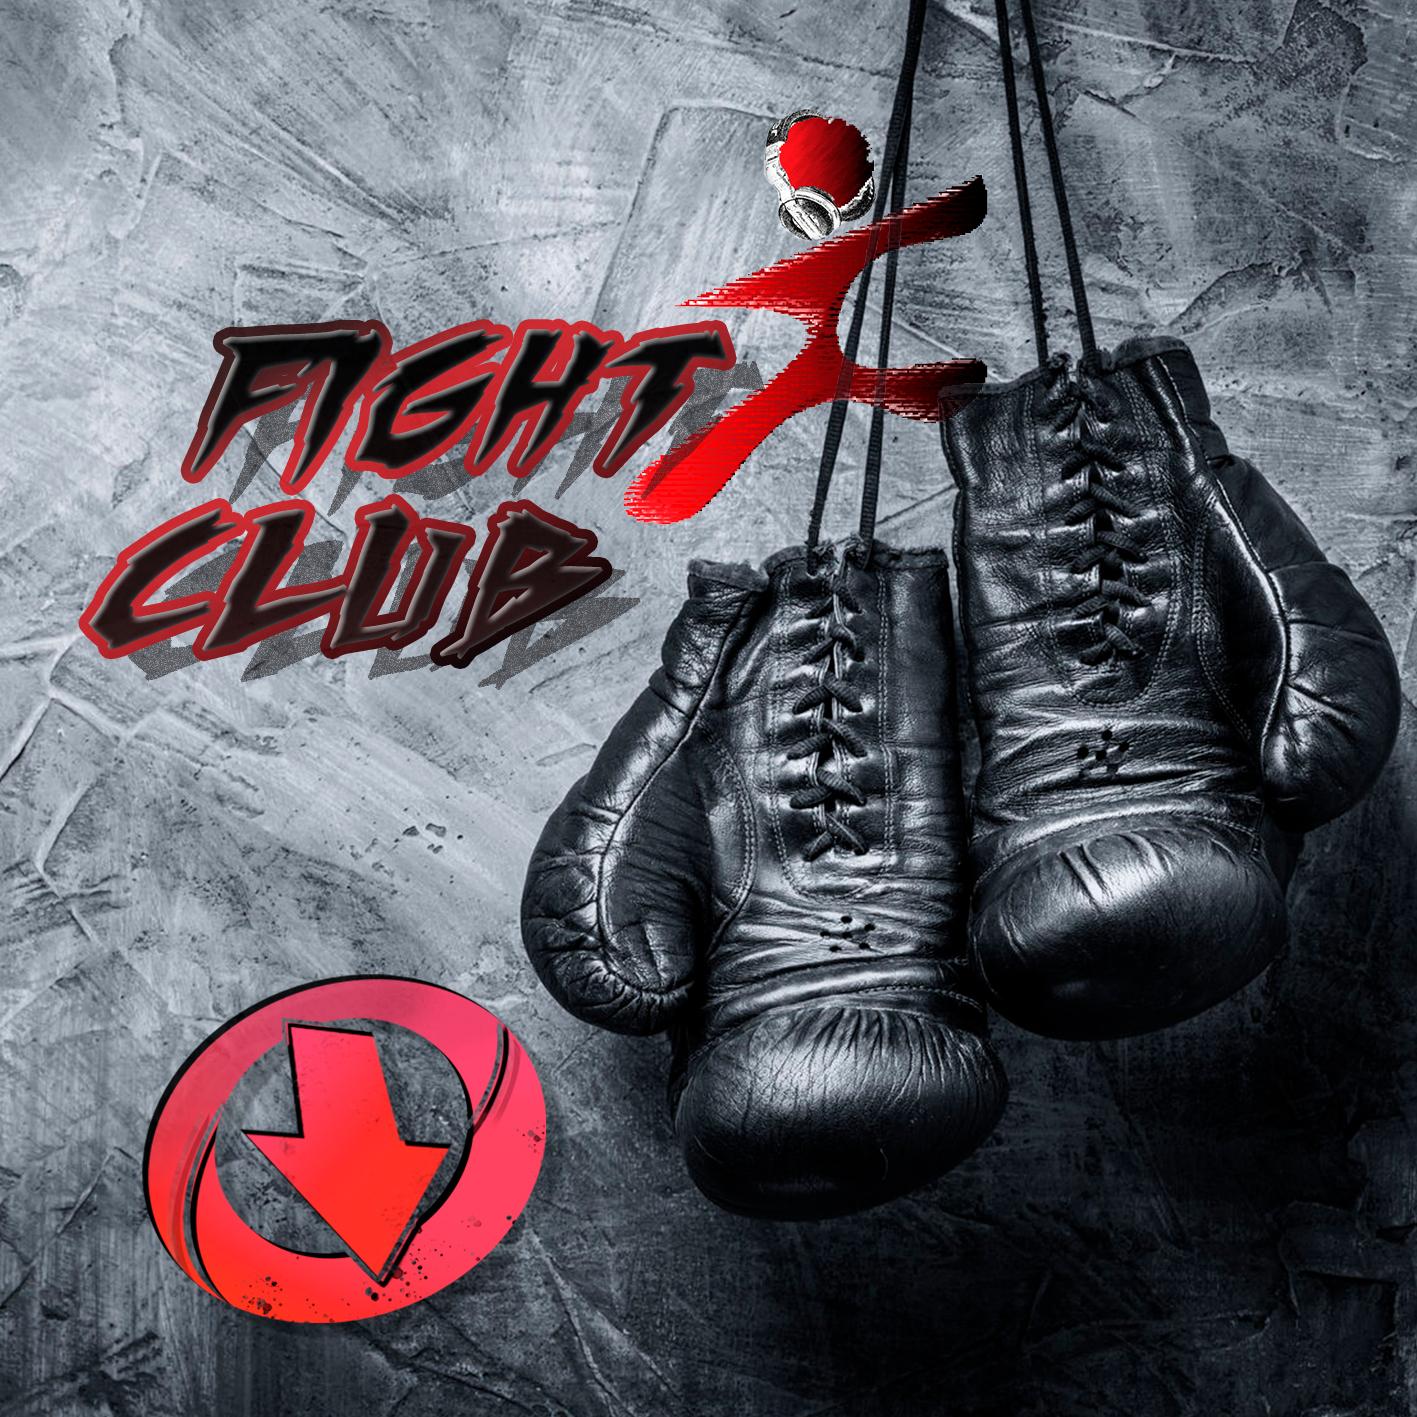 fightclubtelechargement